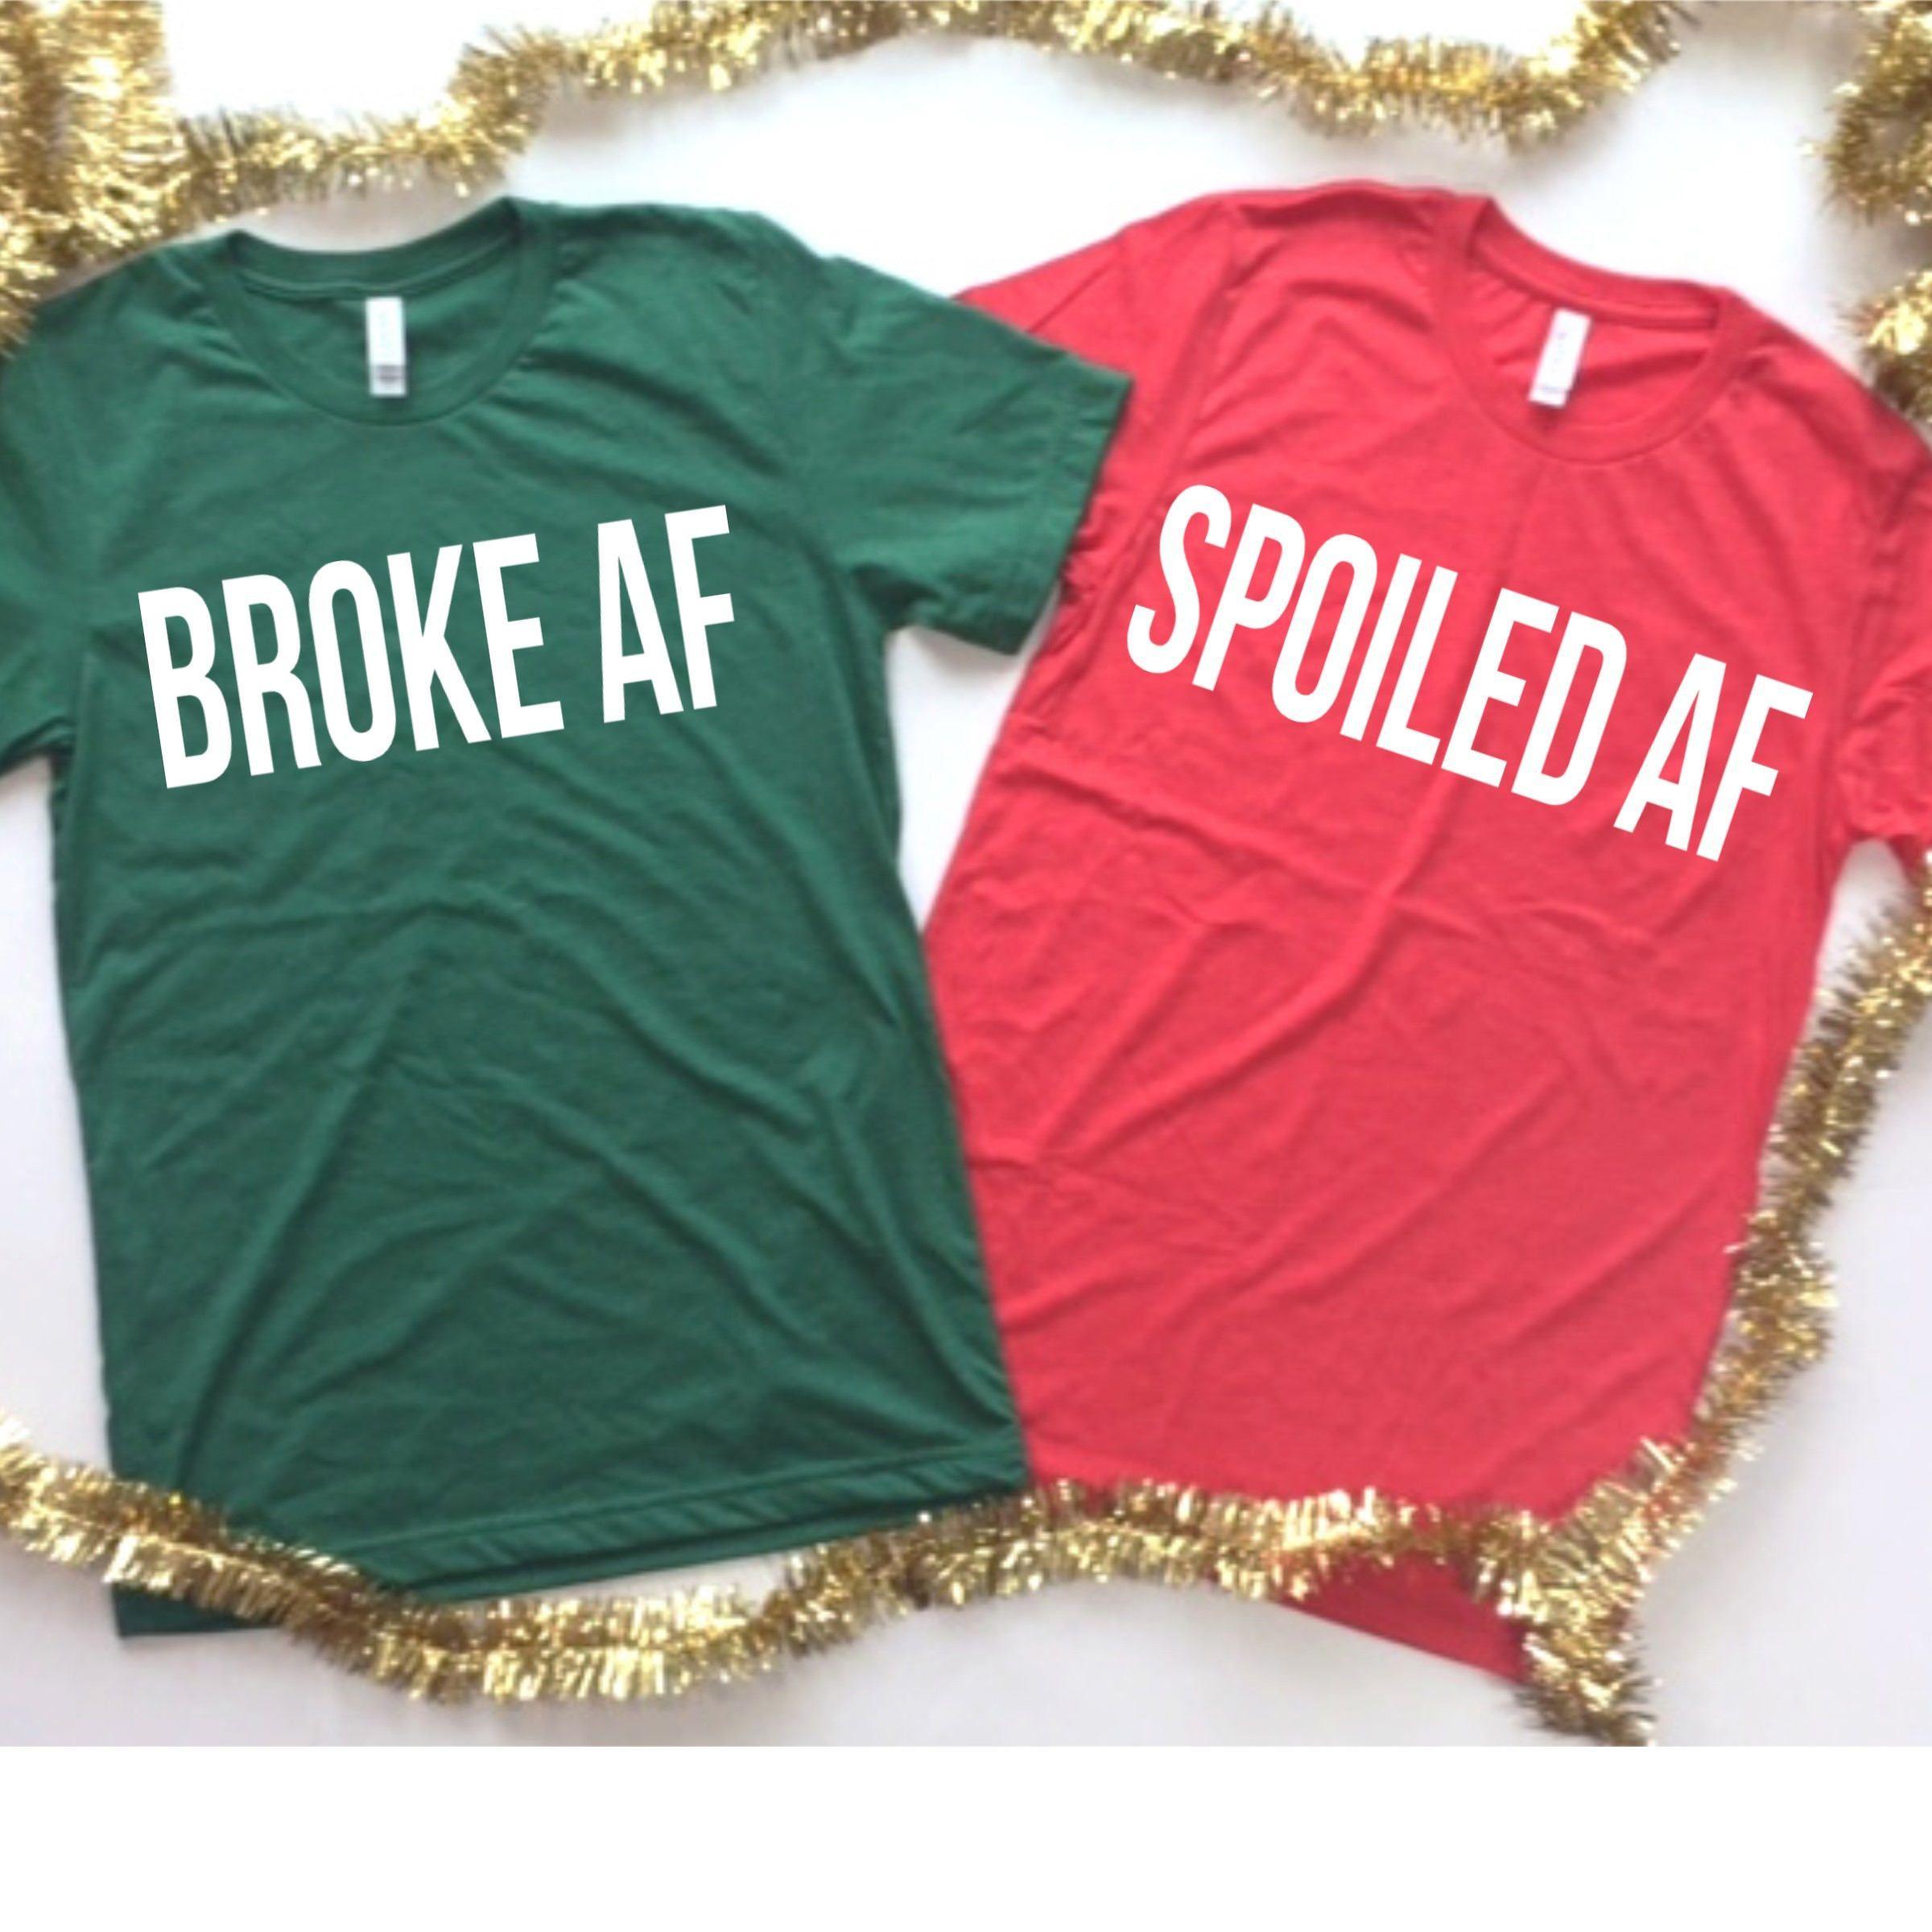 Broke Af Spoiled Af Husband And Wife Shirt Set Christmas Shirt Set Funny Christma Christmas Shirts For Kids Funny Christmas Shirts Funny Christmas Presents